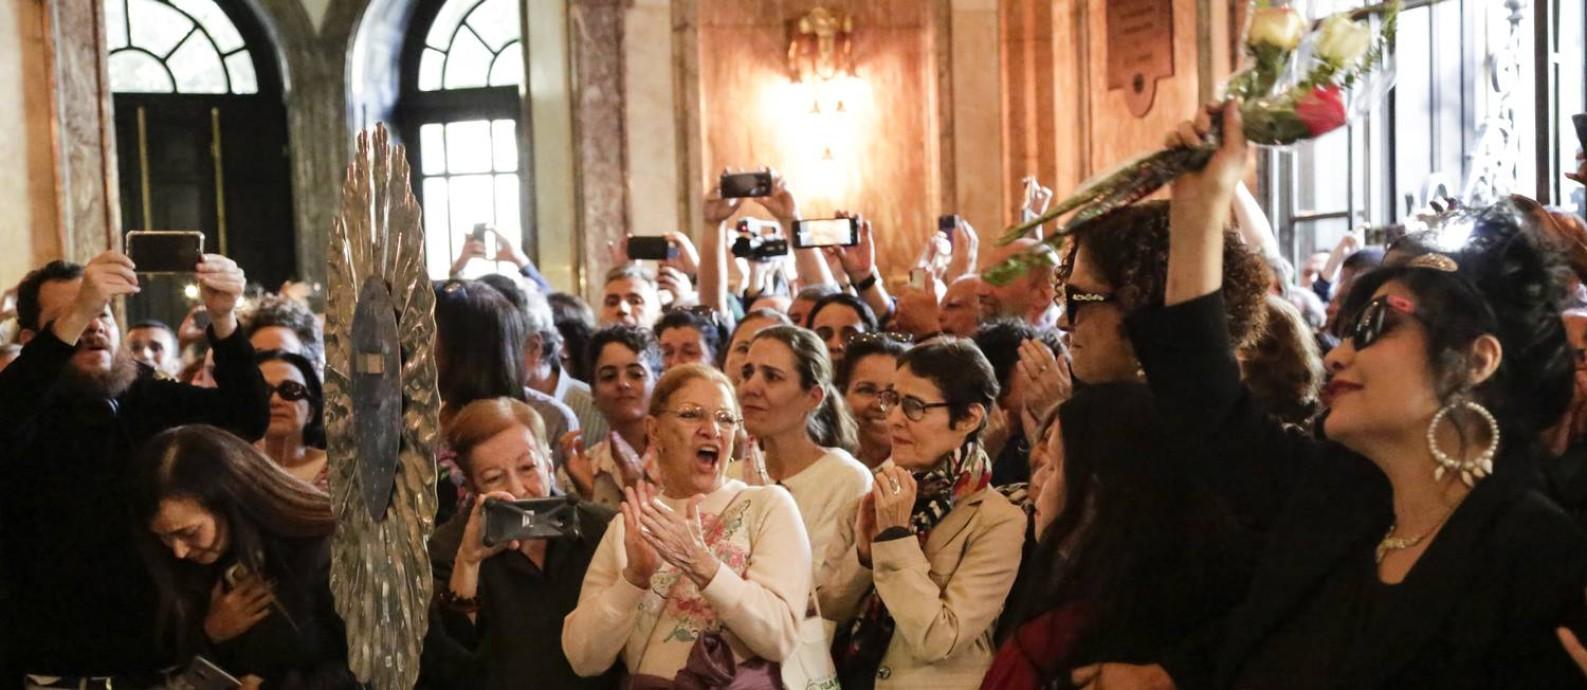 João Gilberto ganha aplausos no velório no Municipal Foto: Marcos Ramos / Agência O Globo